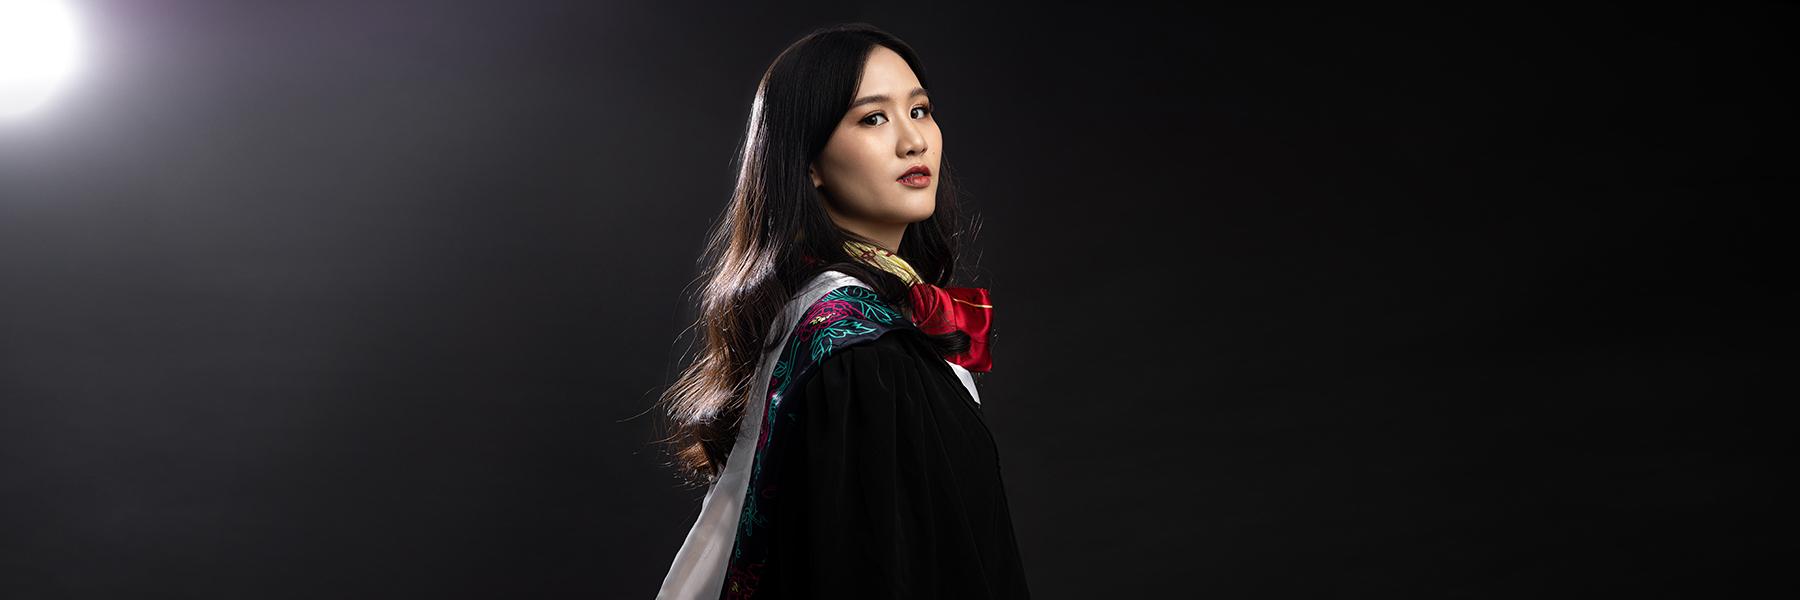 ถ่ายภาพ Graduation Portrait ฉากดำ